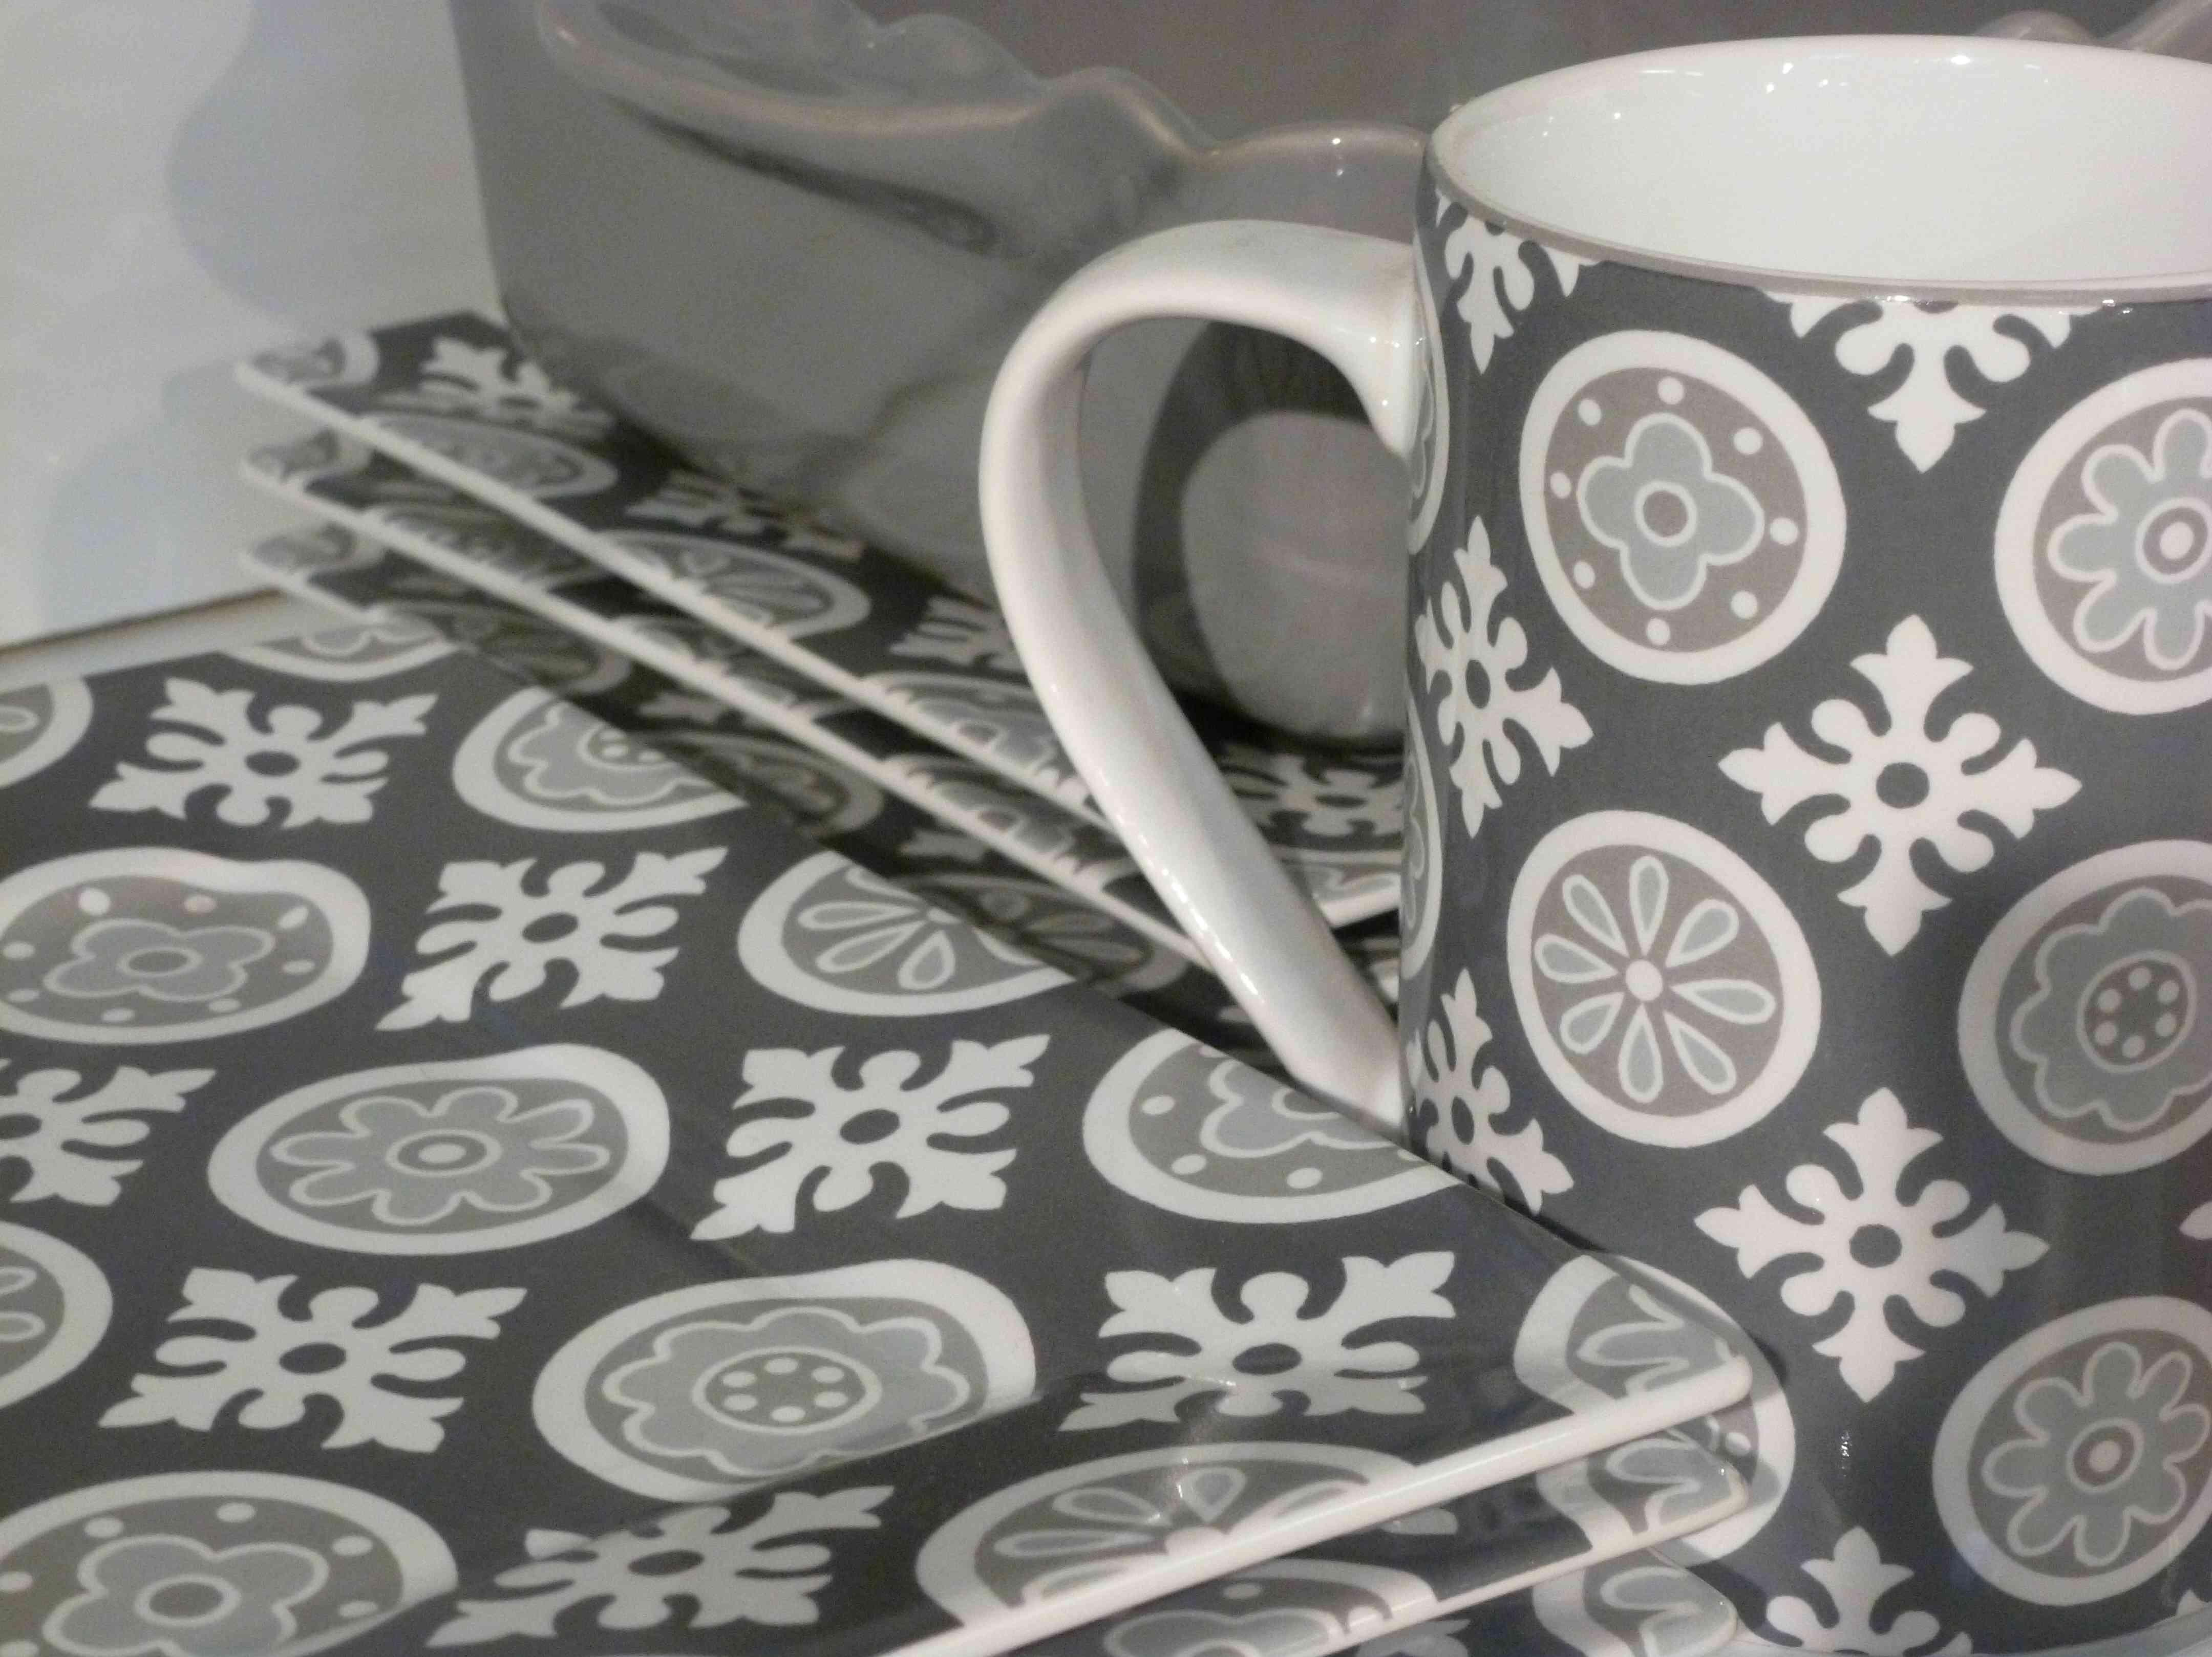 Alinea-vaisselle-Cimento-gris-2014